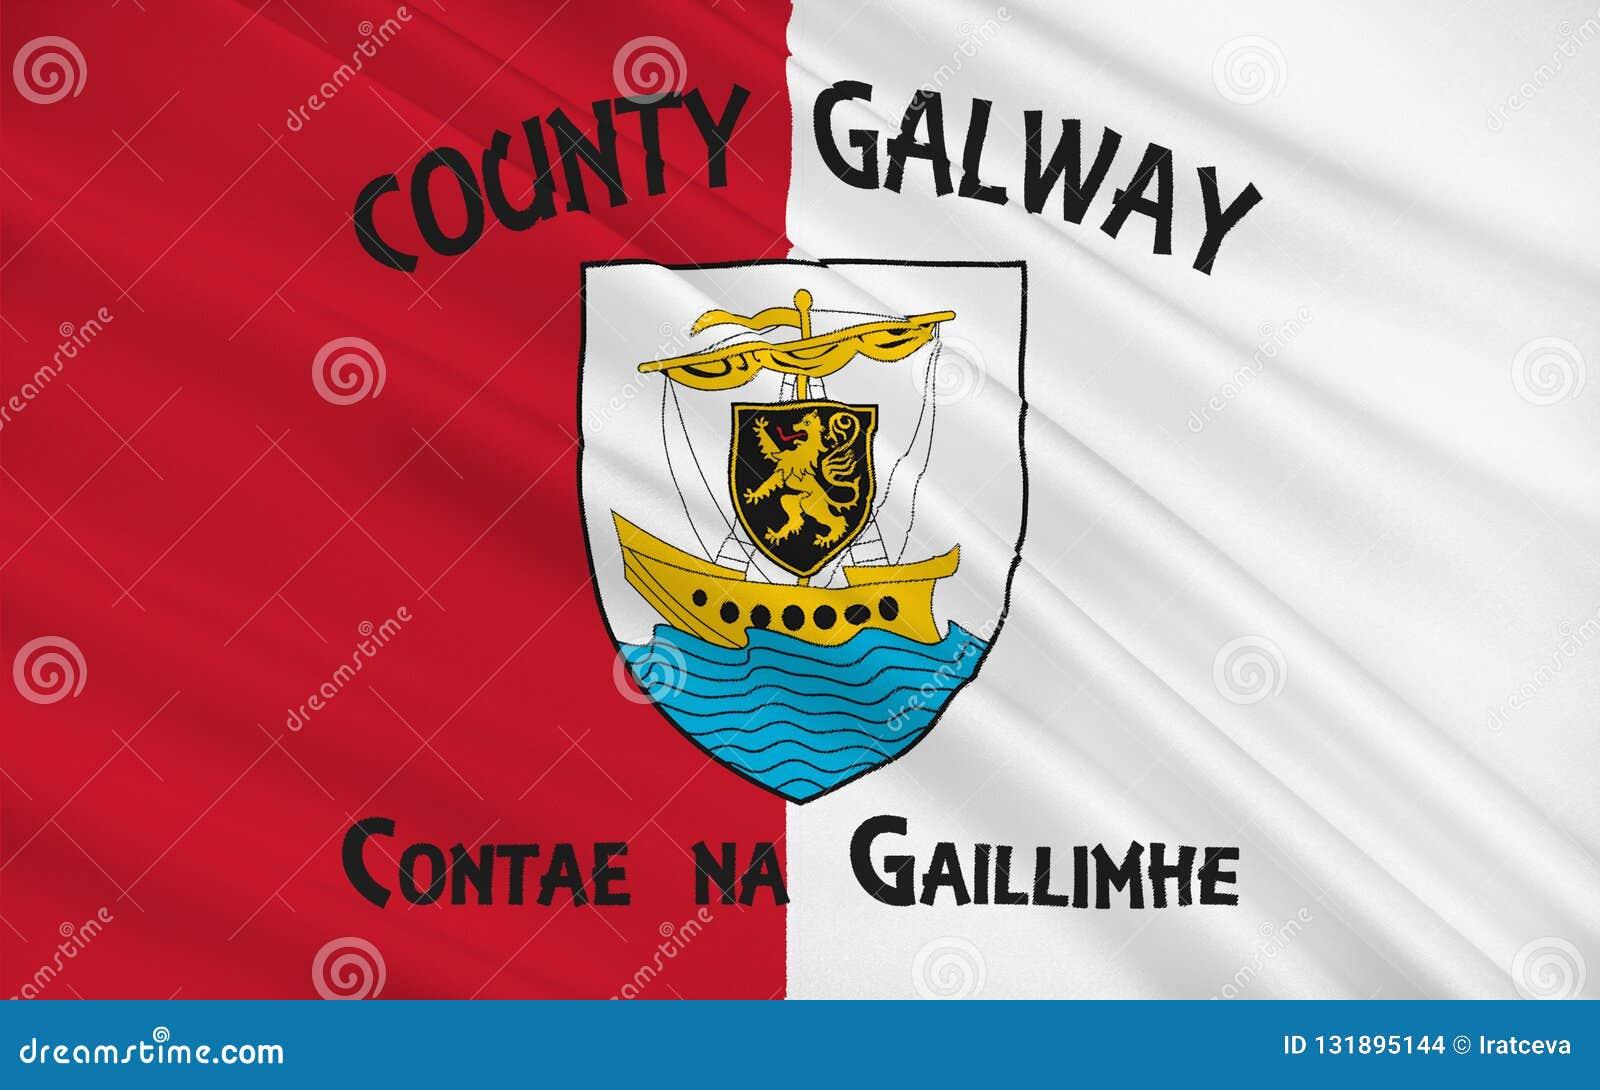 戈尔韦郡旗子是爱尔兰的西方的一个县